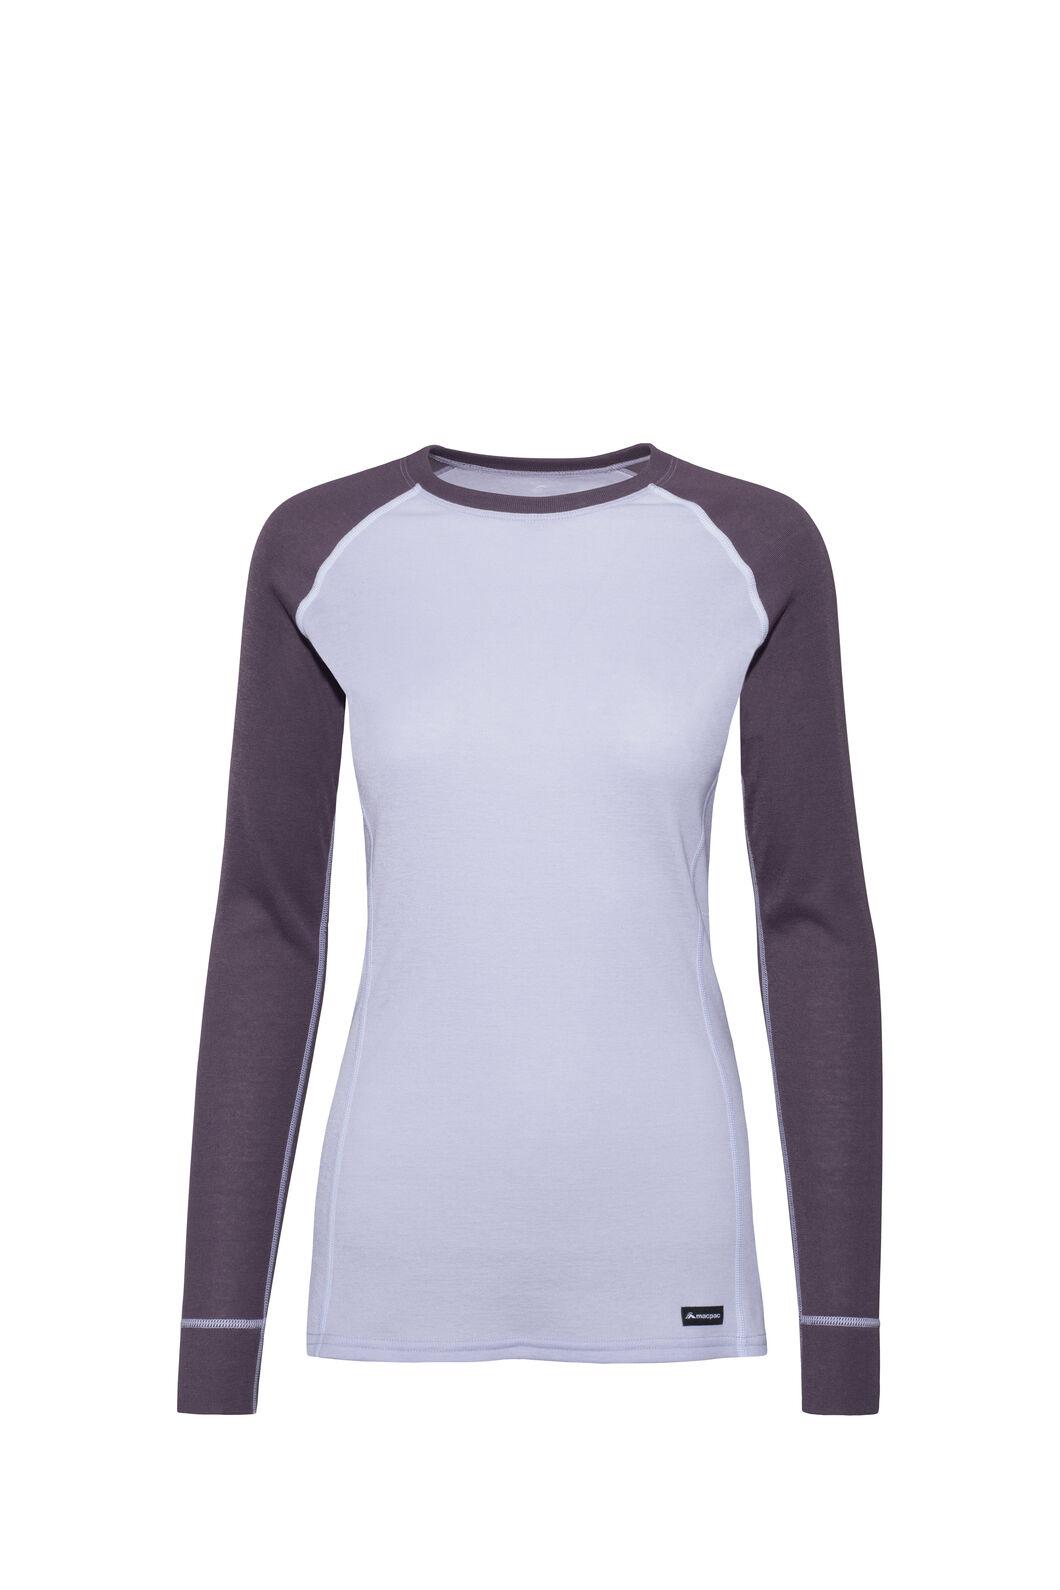 Macpac Geothermal Long Sleeve Top — Women's, Vintage Violet/Purple Heather, hi-res